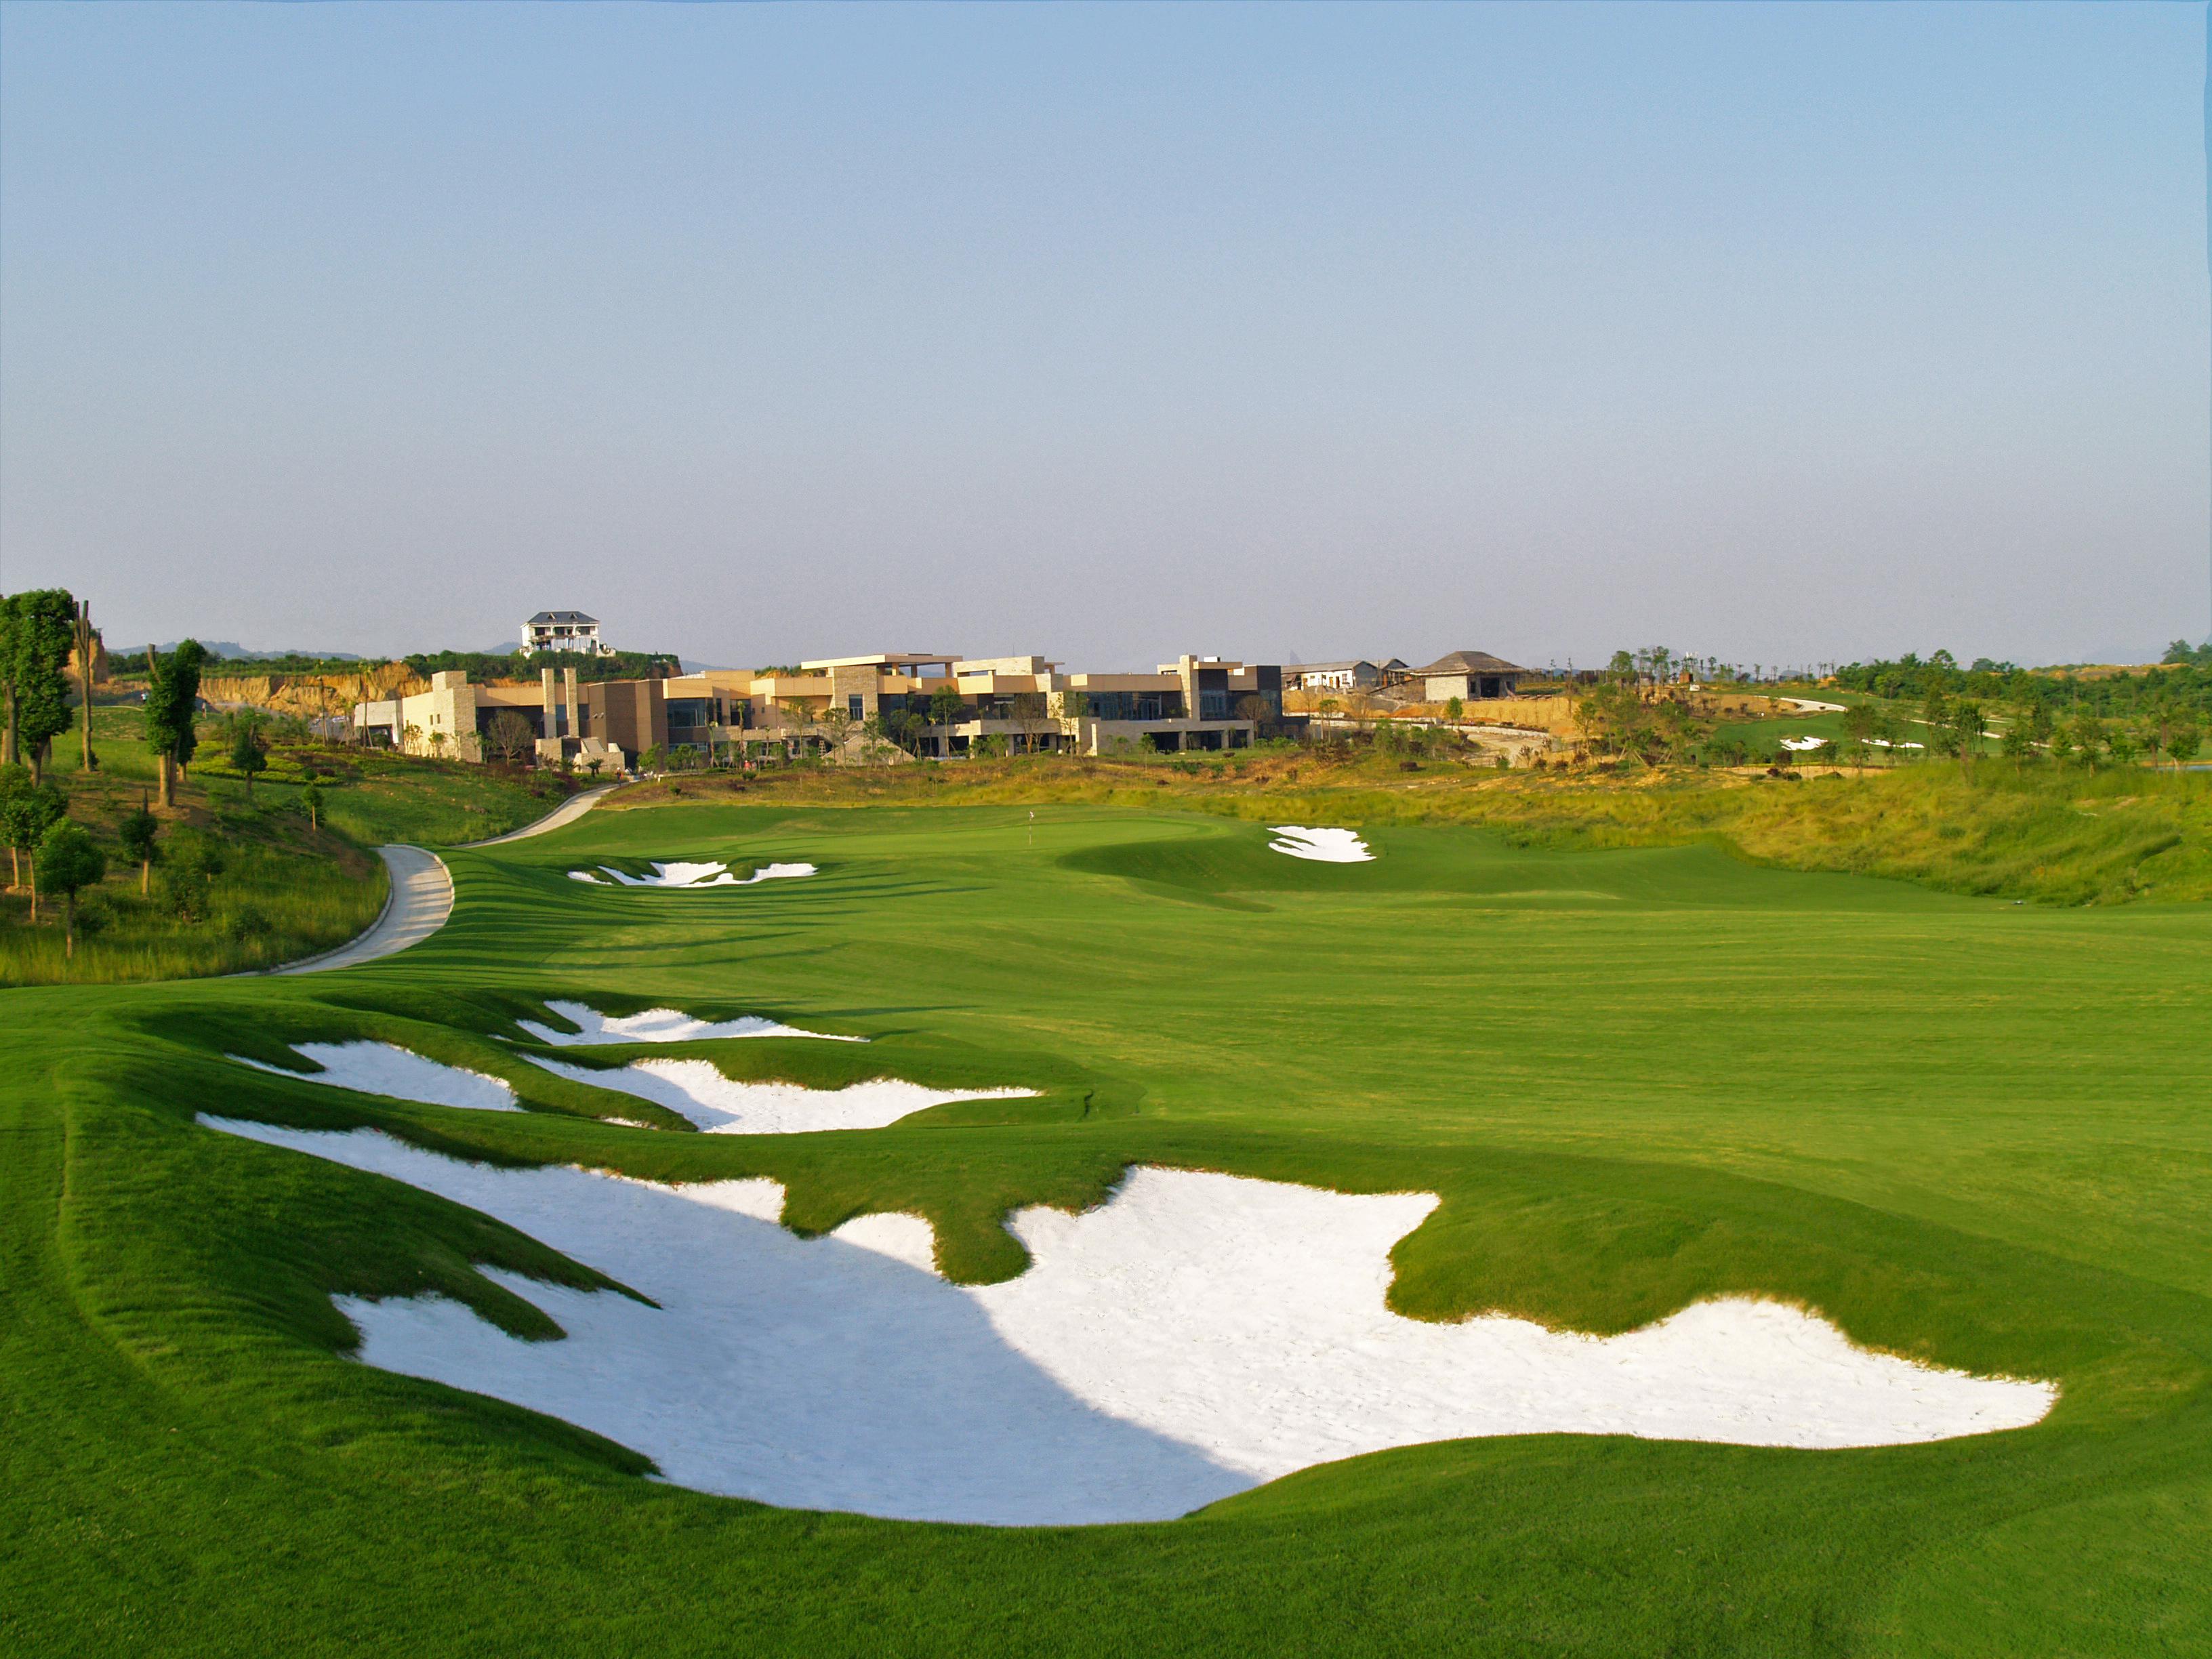 Skydoor Golf Course - #A9